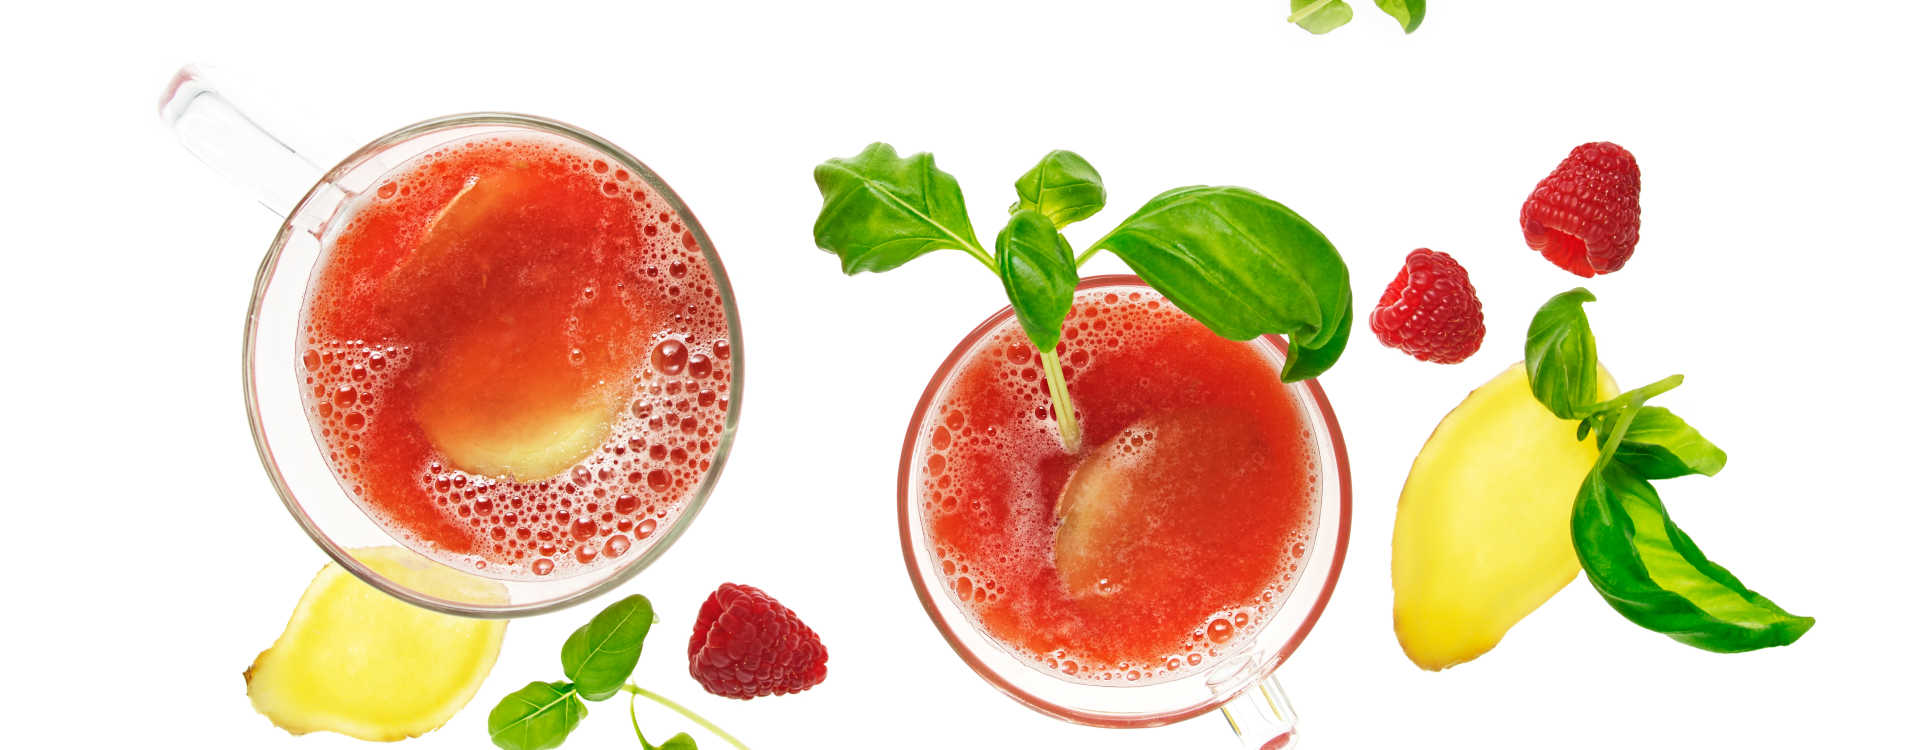 Varm bringebærdrikke med ingefær, lime og basilikum